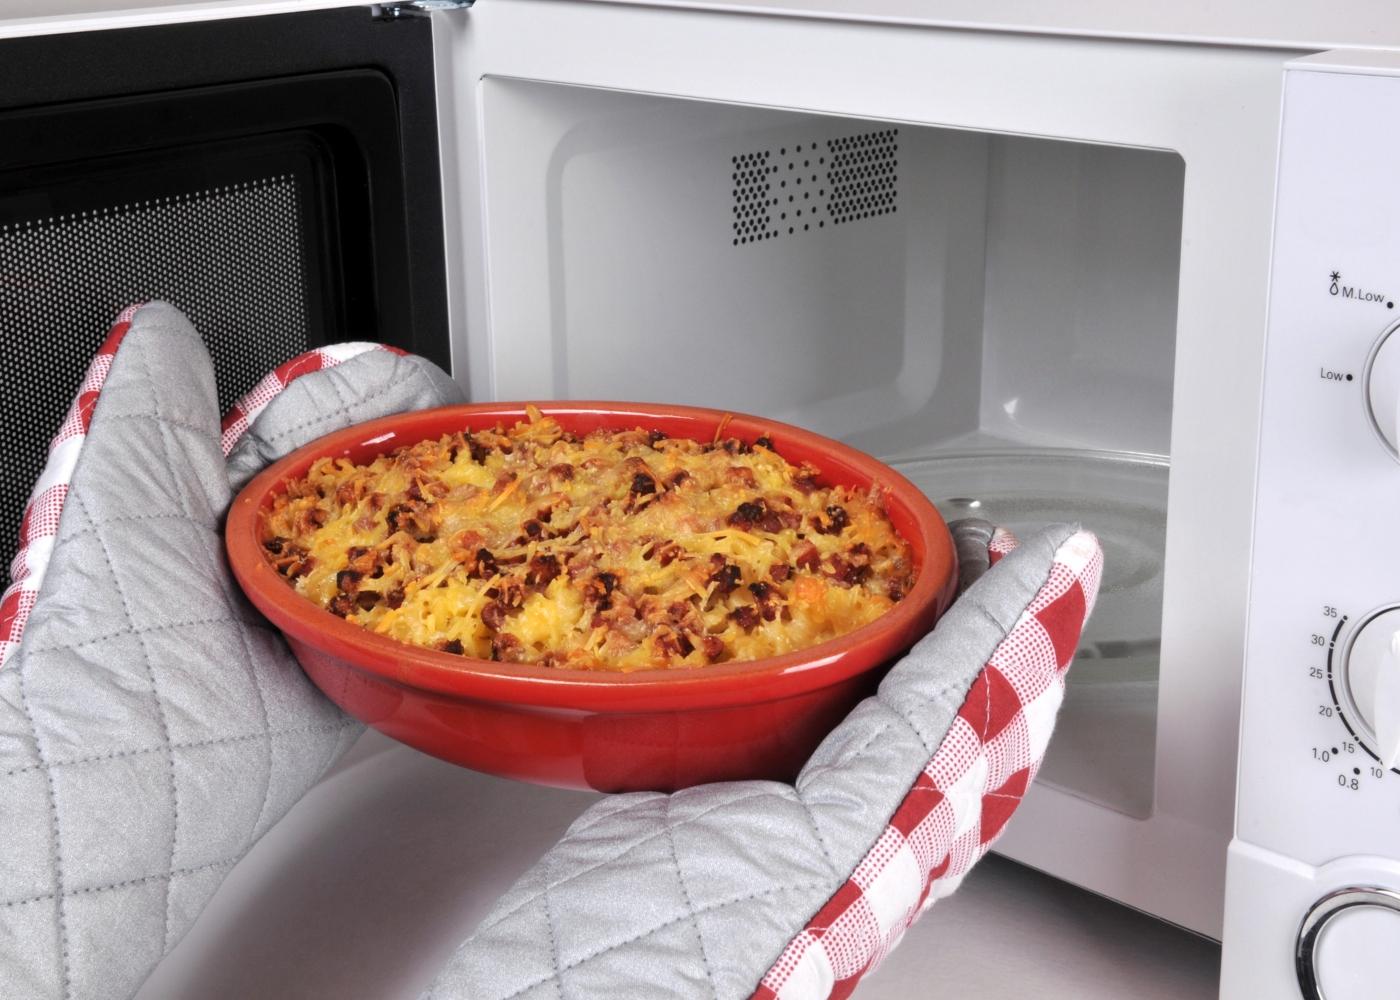 pessoa a colocar comida no microondas